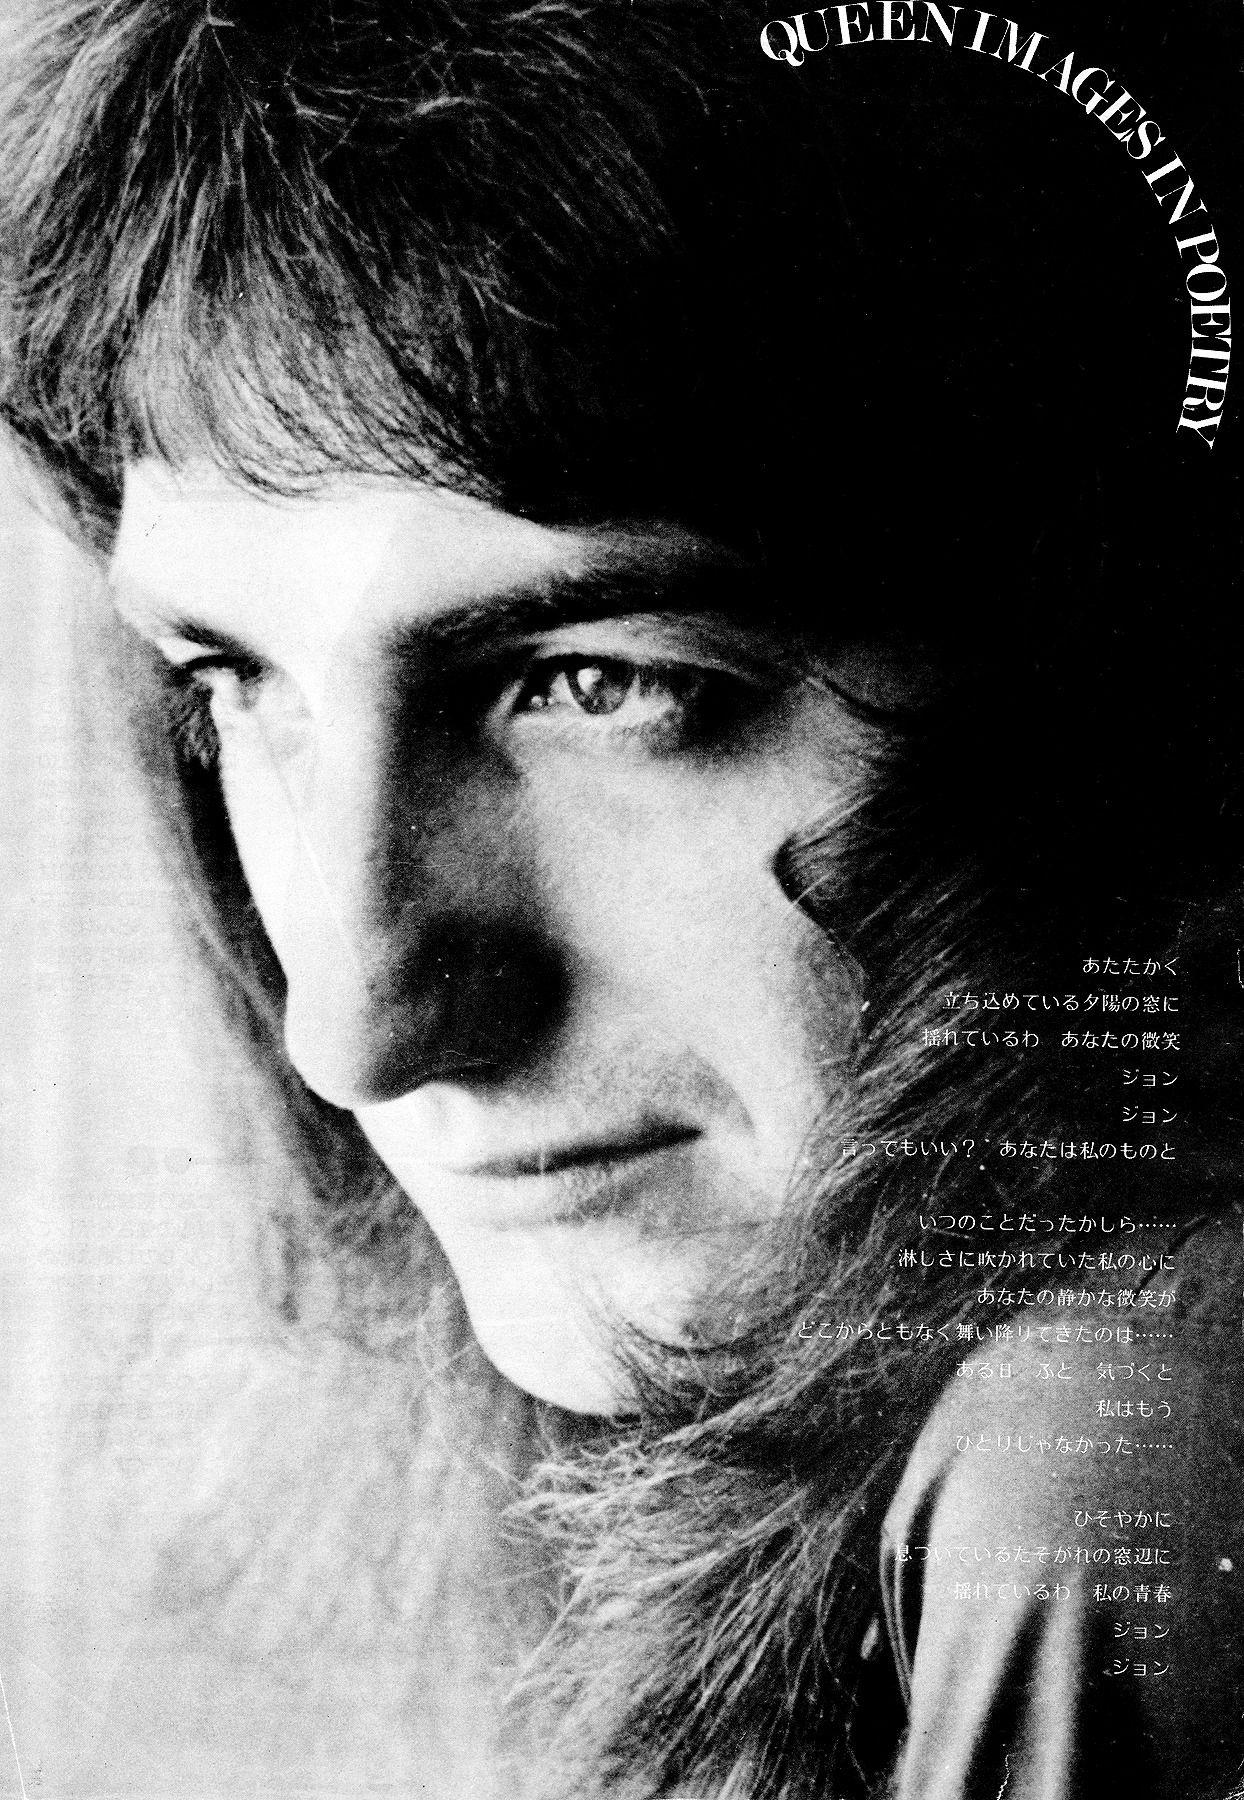 John Deacon … | Queen | Pinterest | John deacon, Queens ...